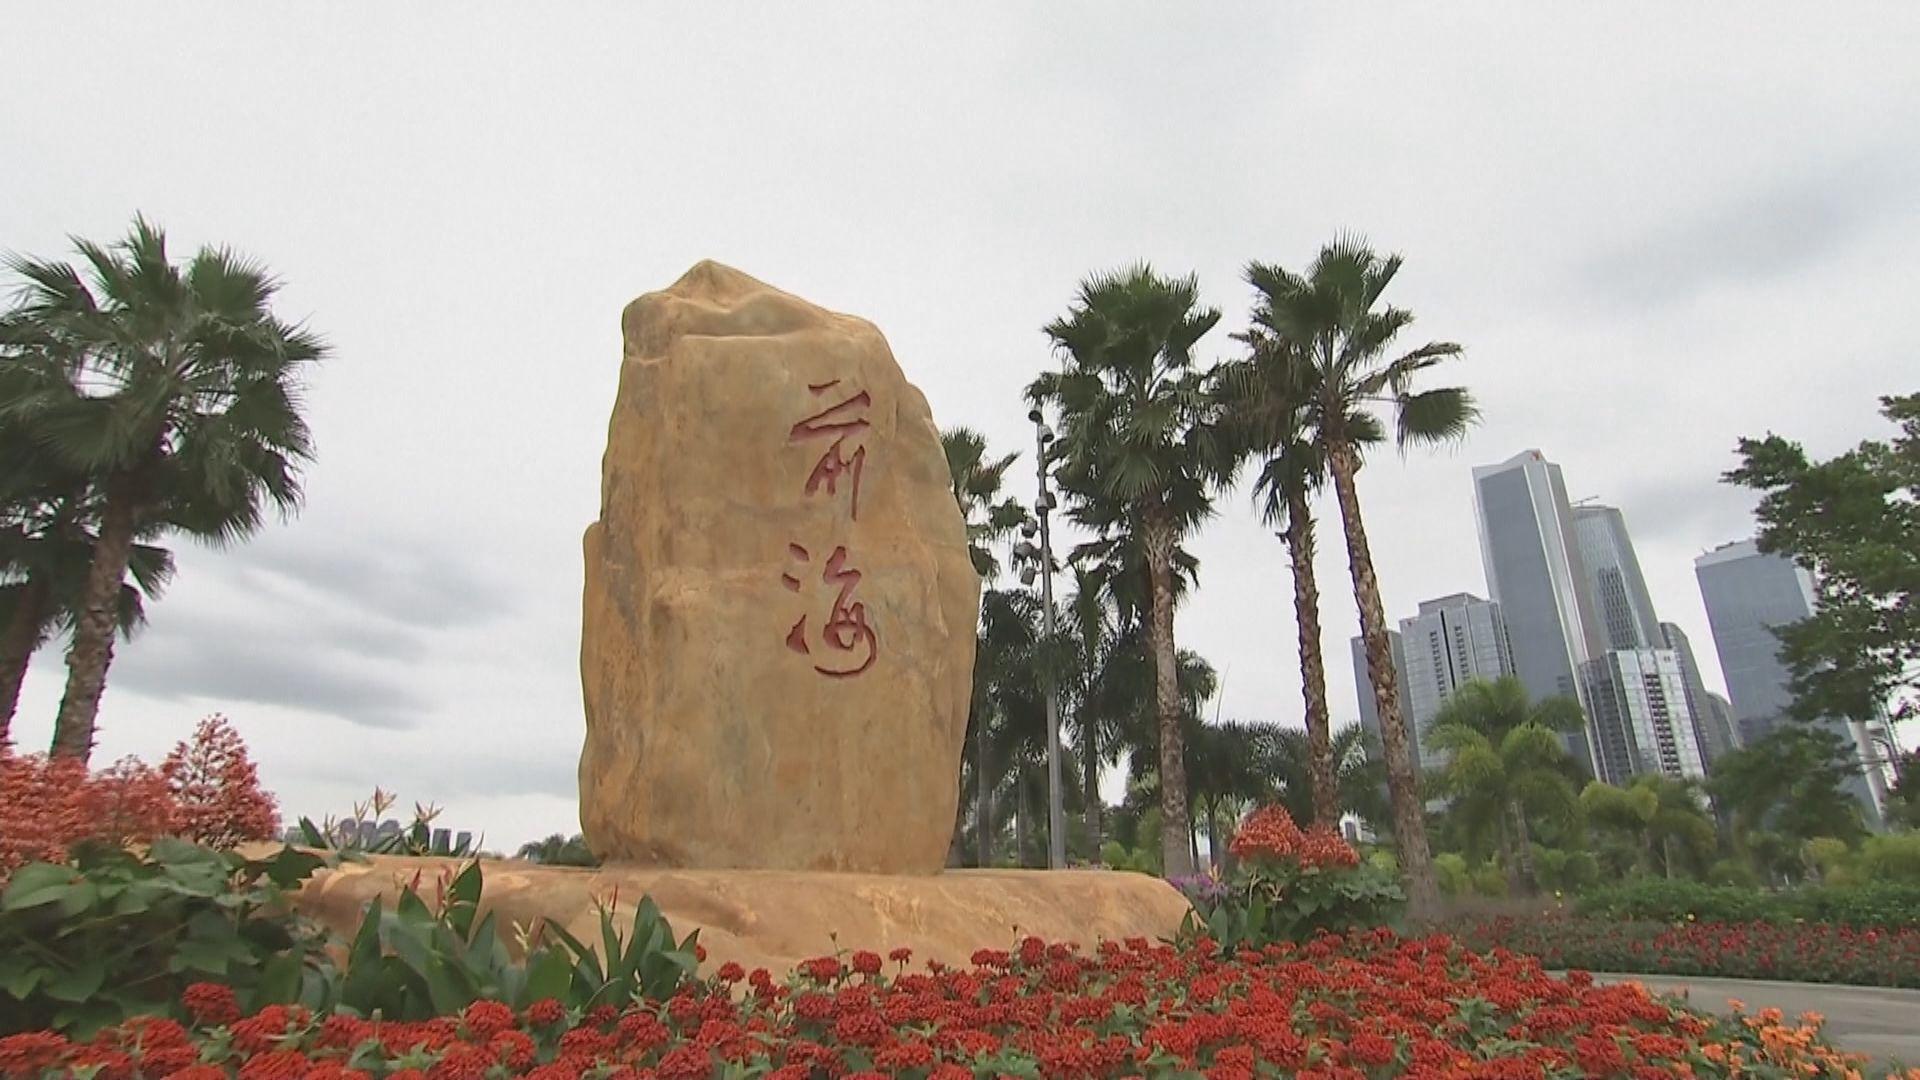 深圳市:推出更多便利港澳居民到前海新舉措 享有同等待遇